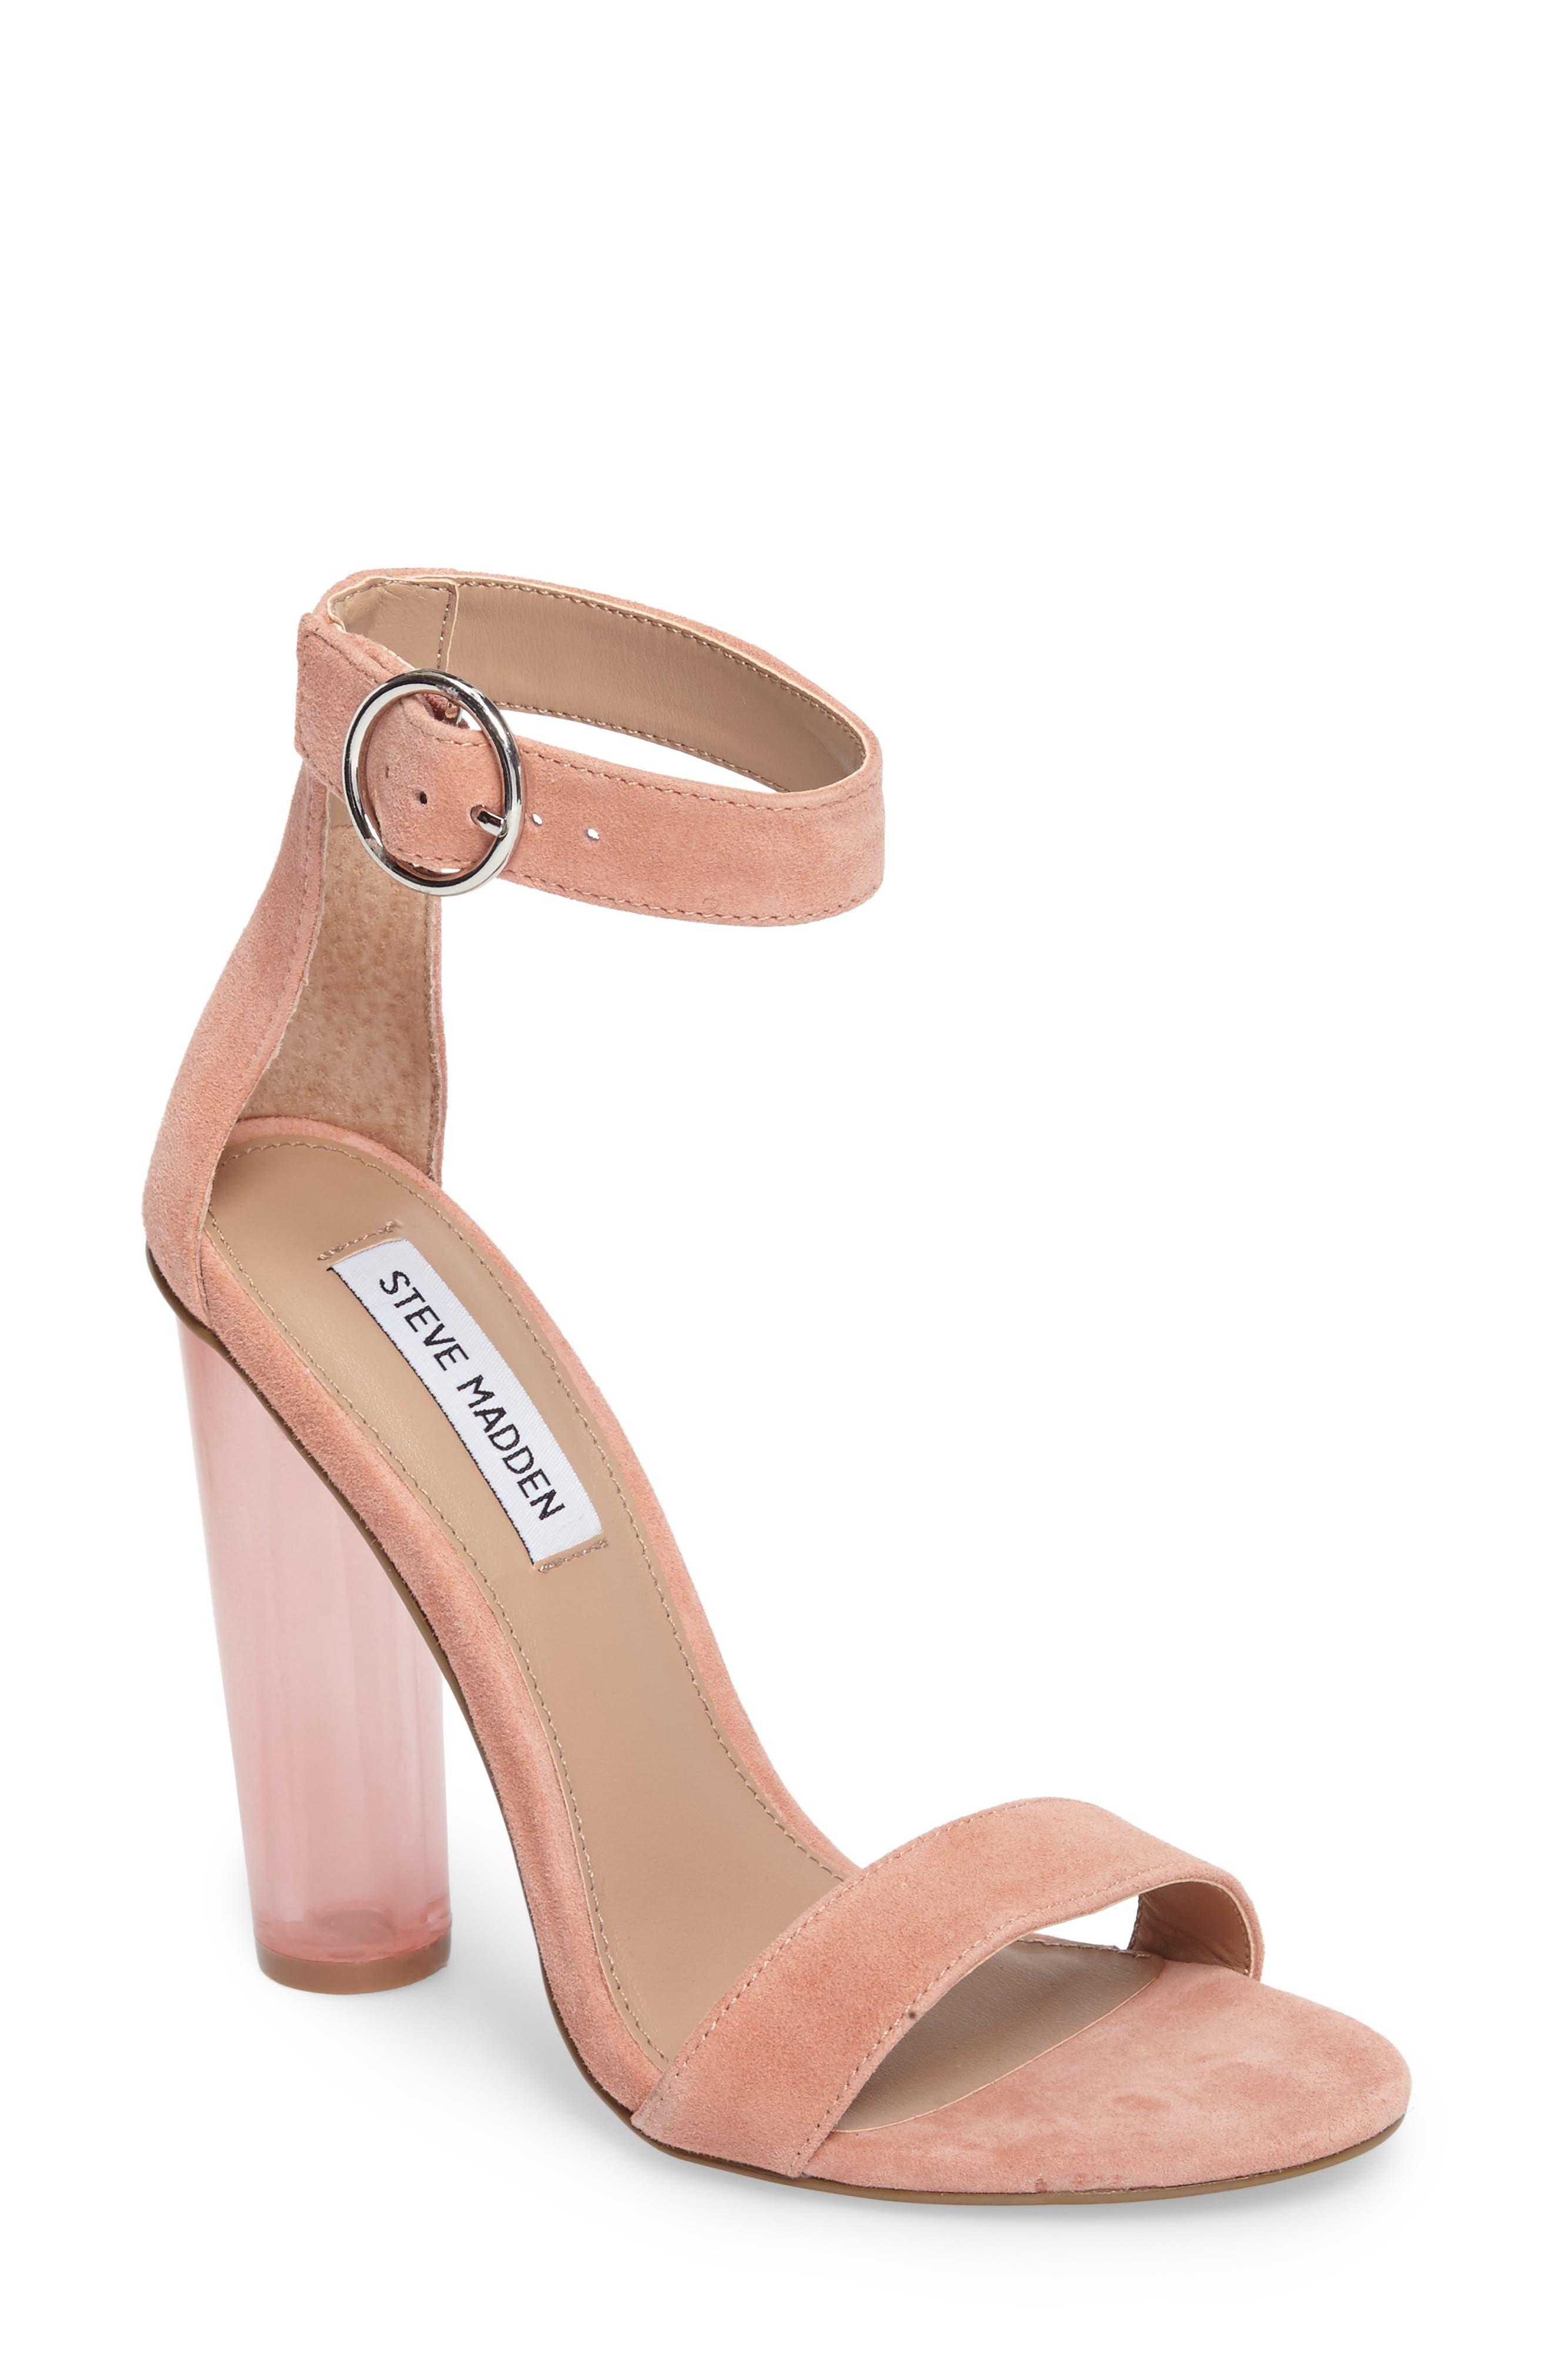 Teaser Sandal,                         Main,                         color, Coral Suede